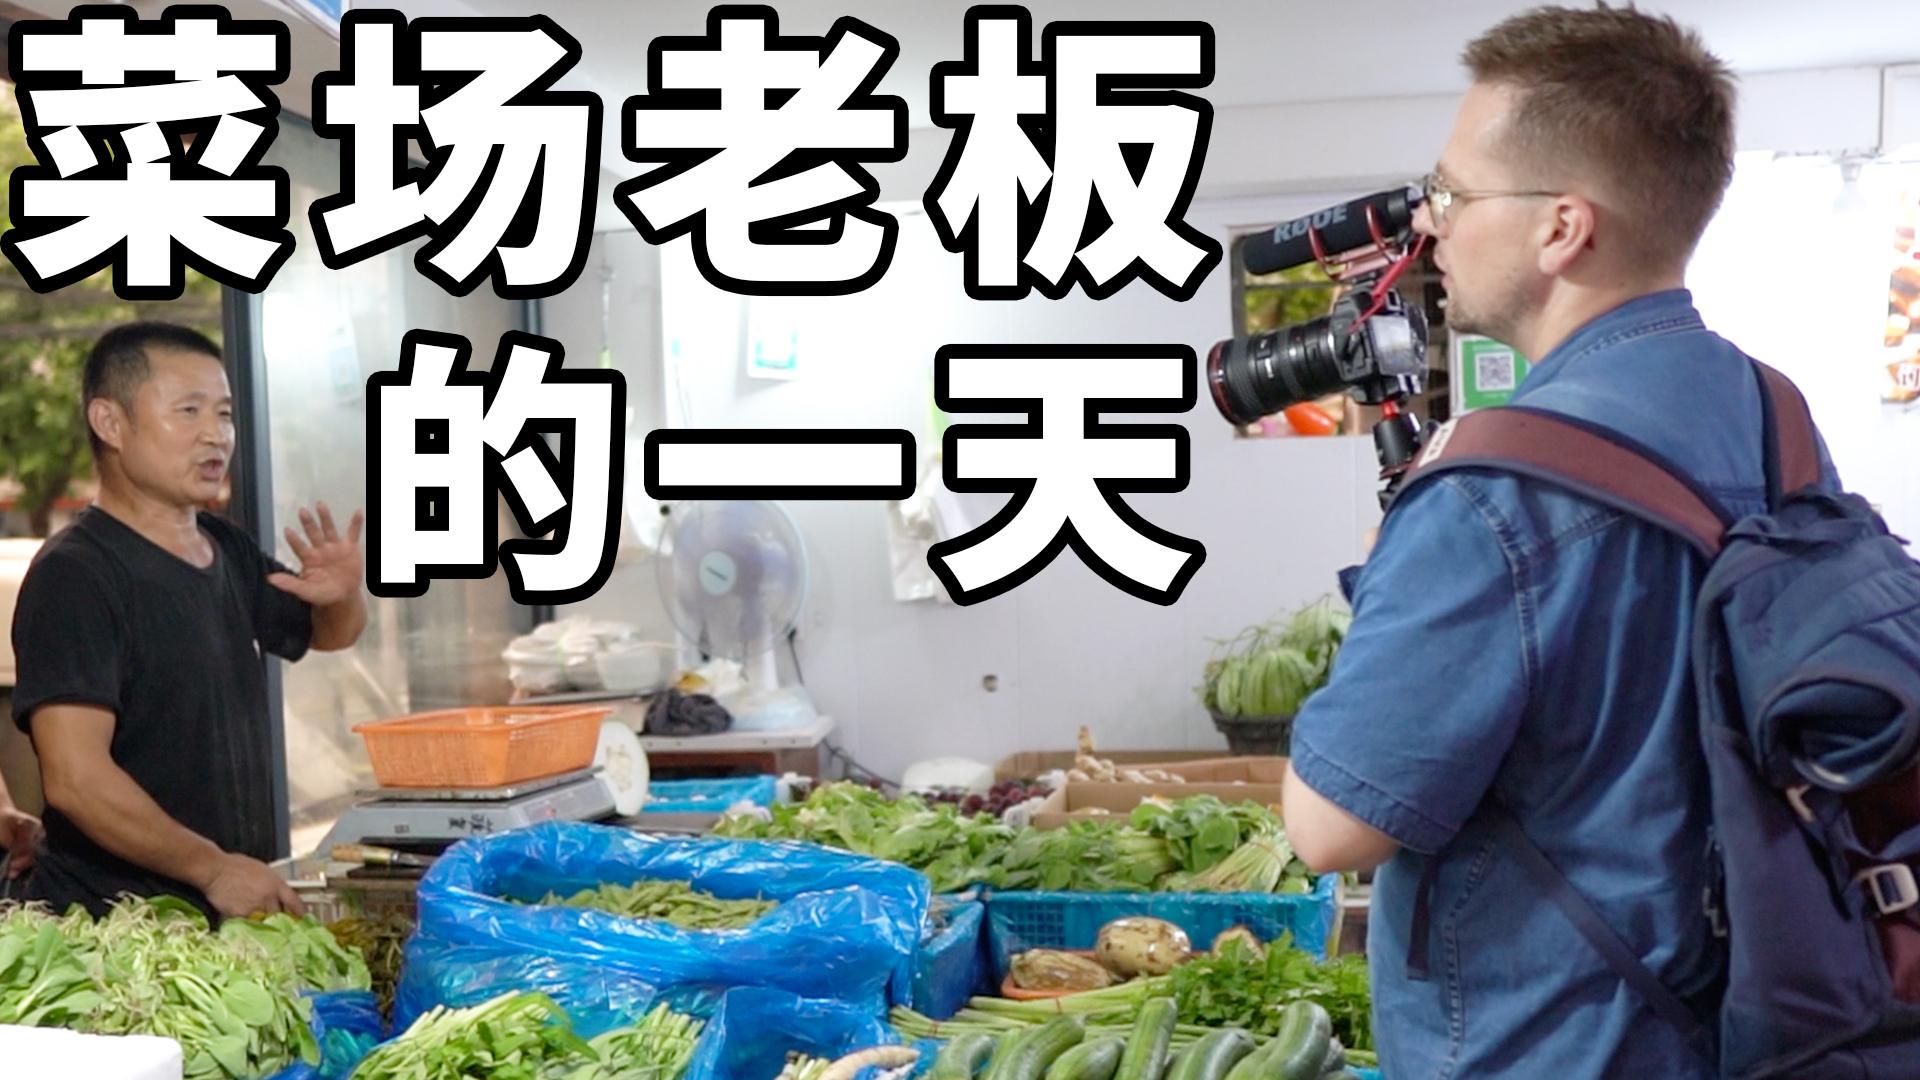 河南老板去上海摆摊卖菜,一个月能赚多少钱?